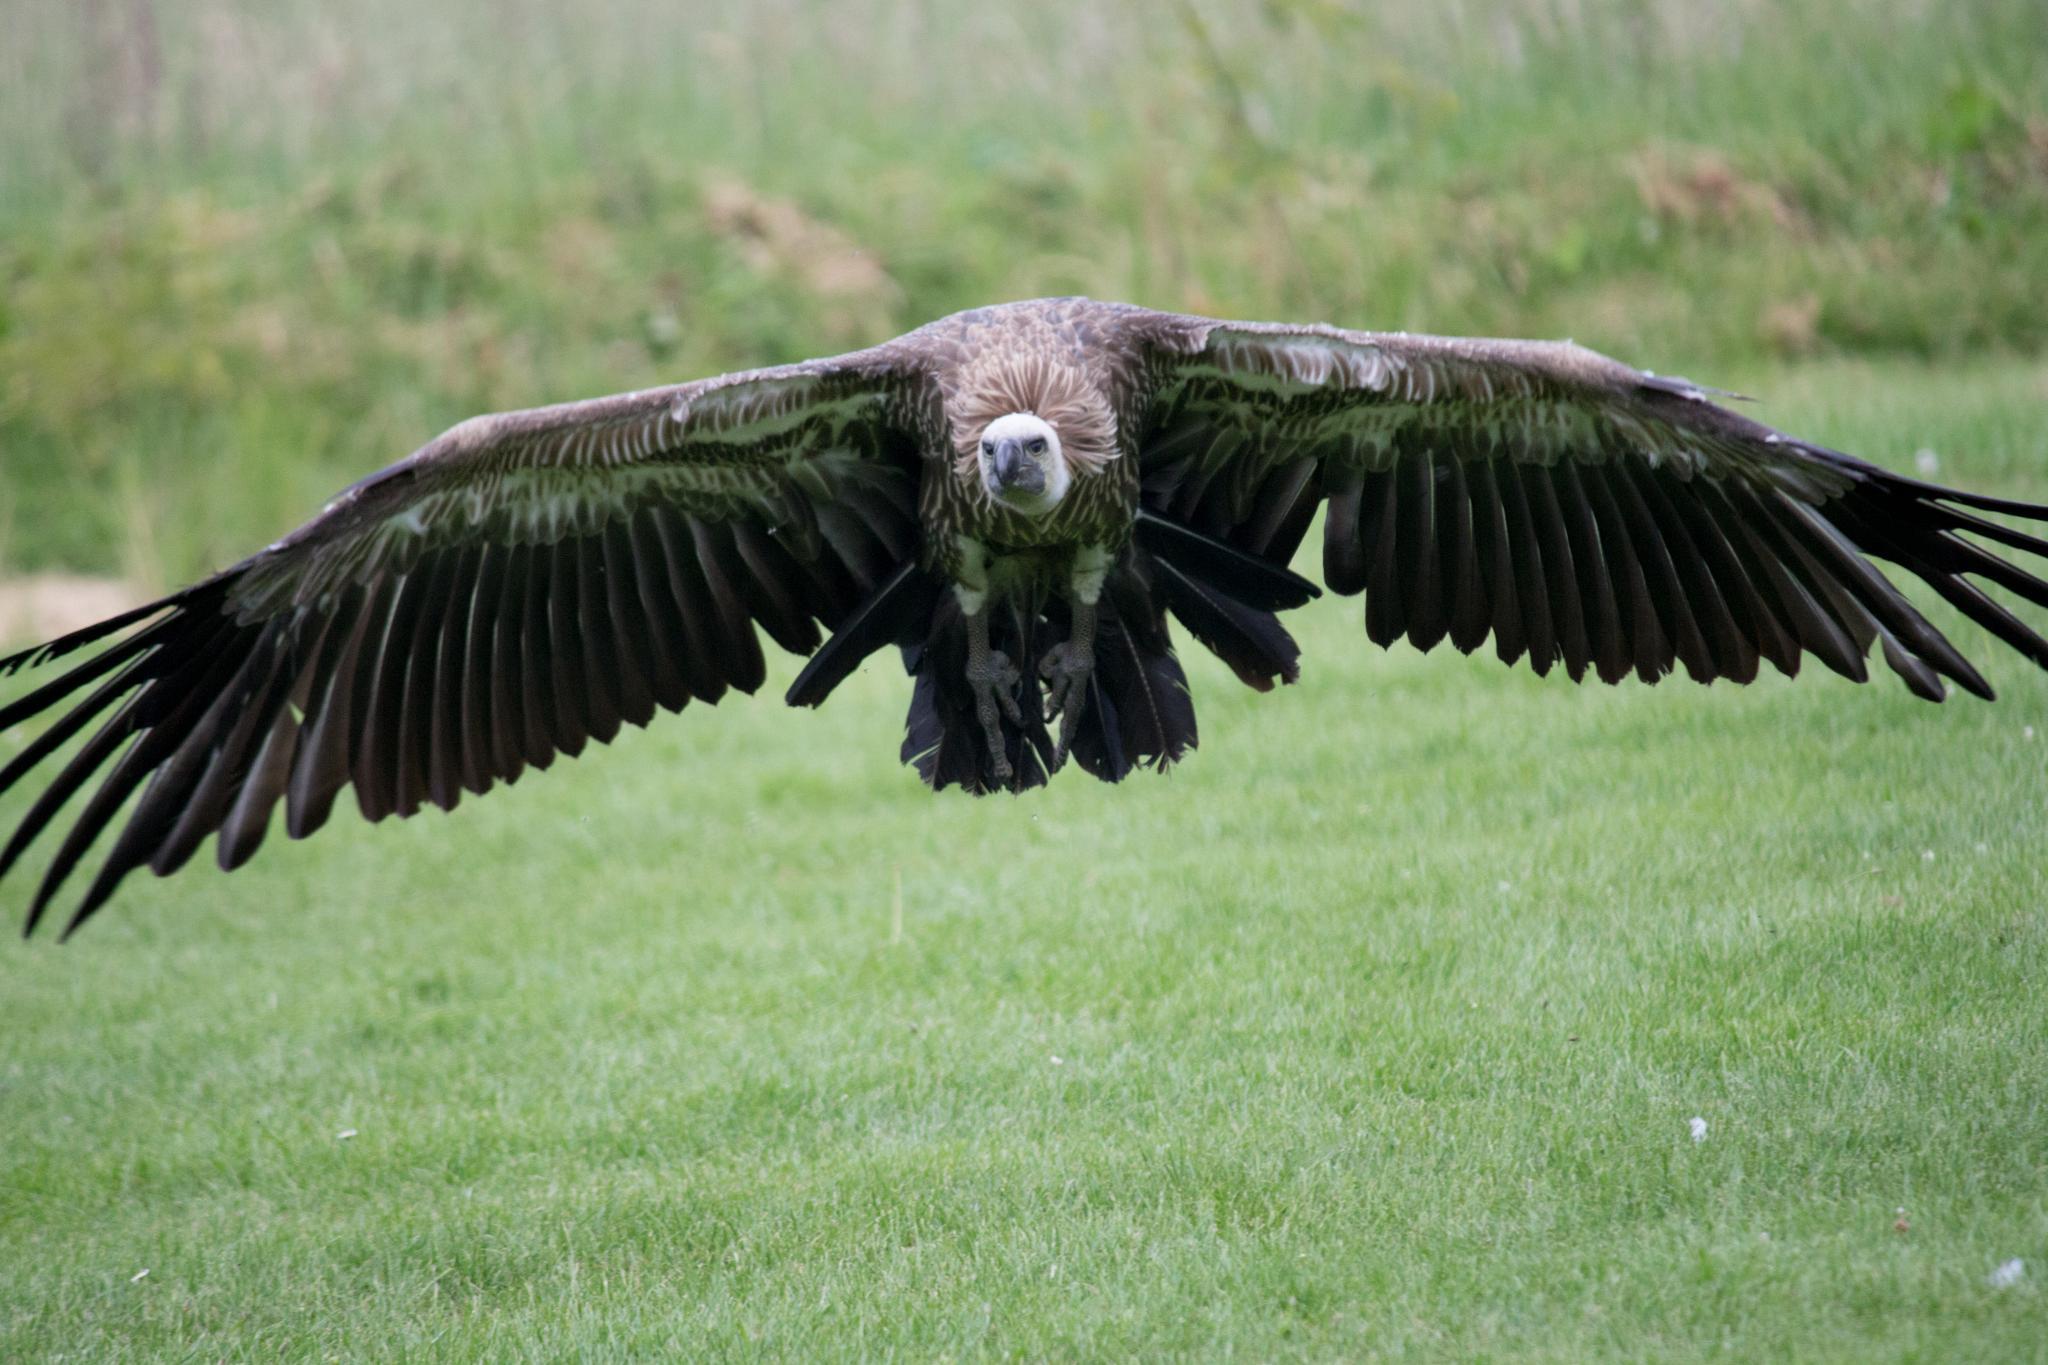 Griffon Vulture by Nikki Wilson